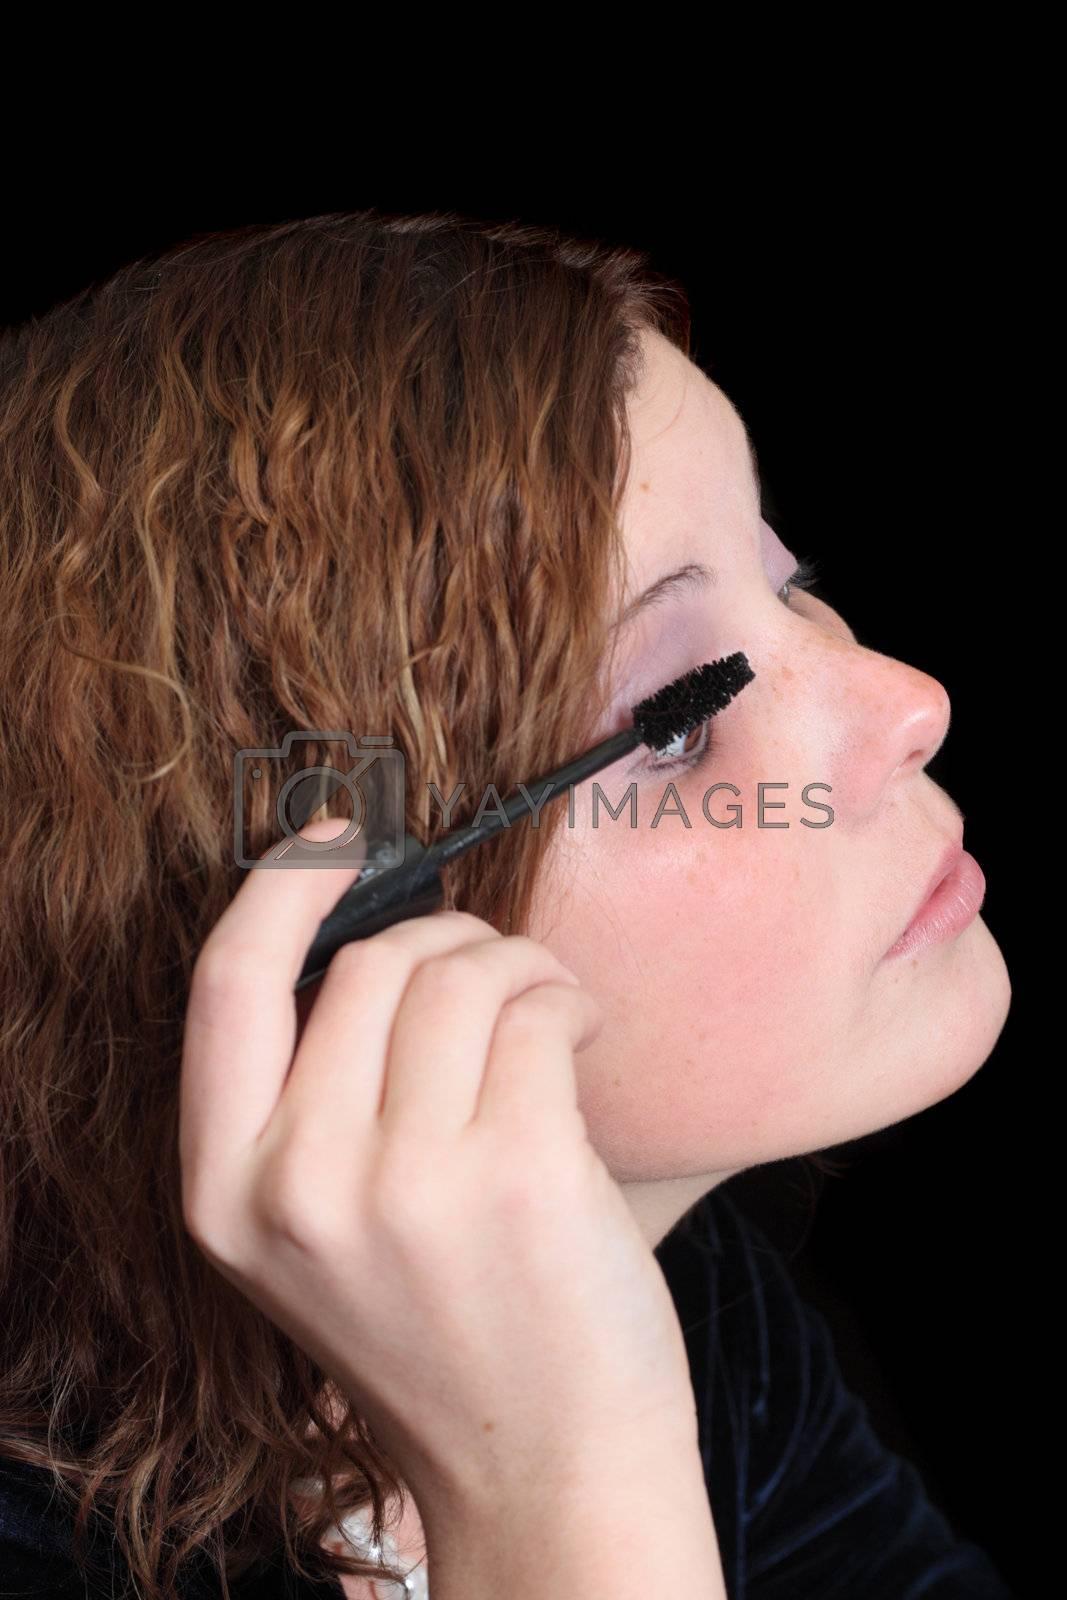 girl apllying make-up